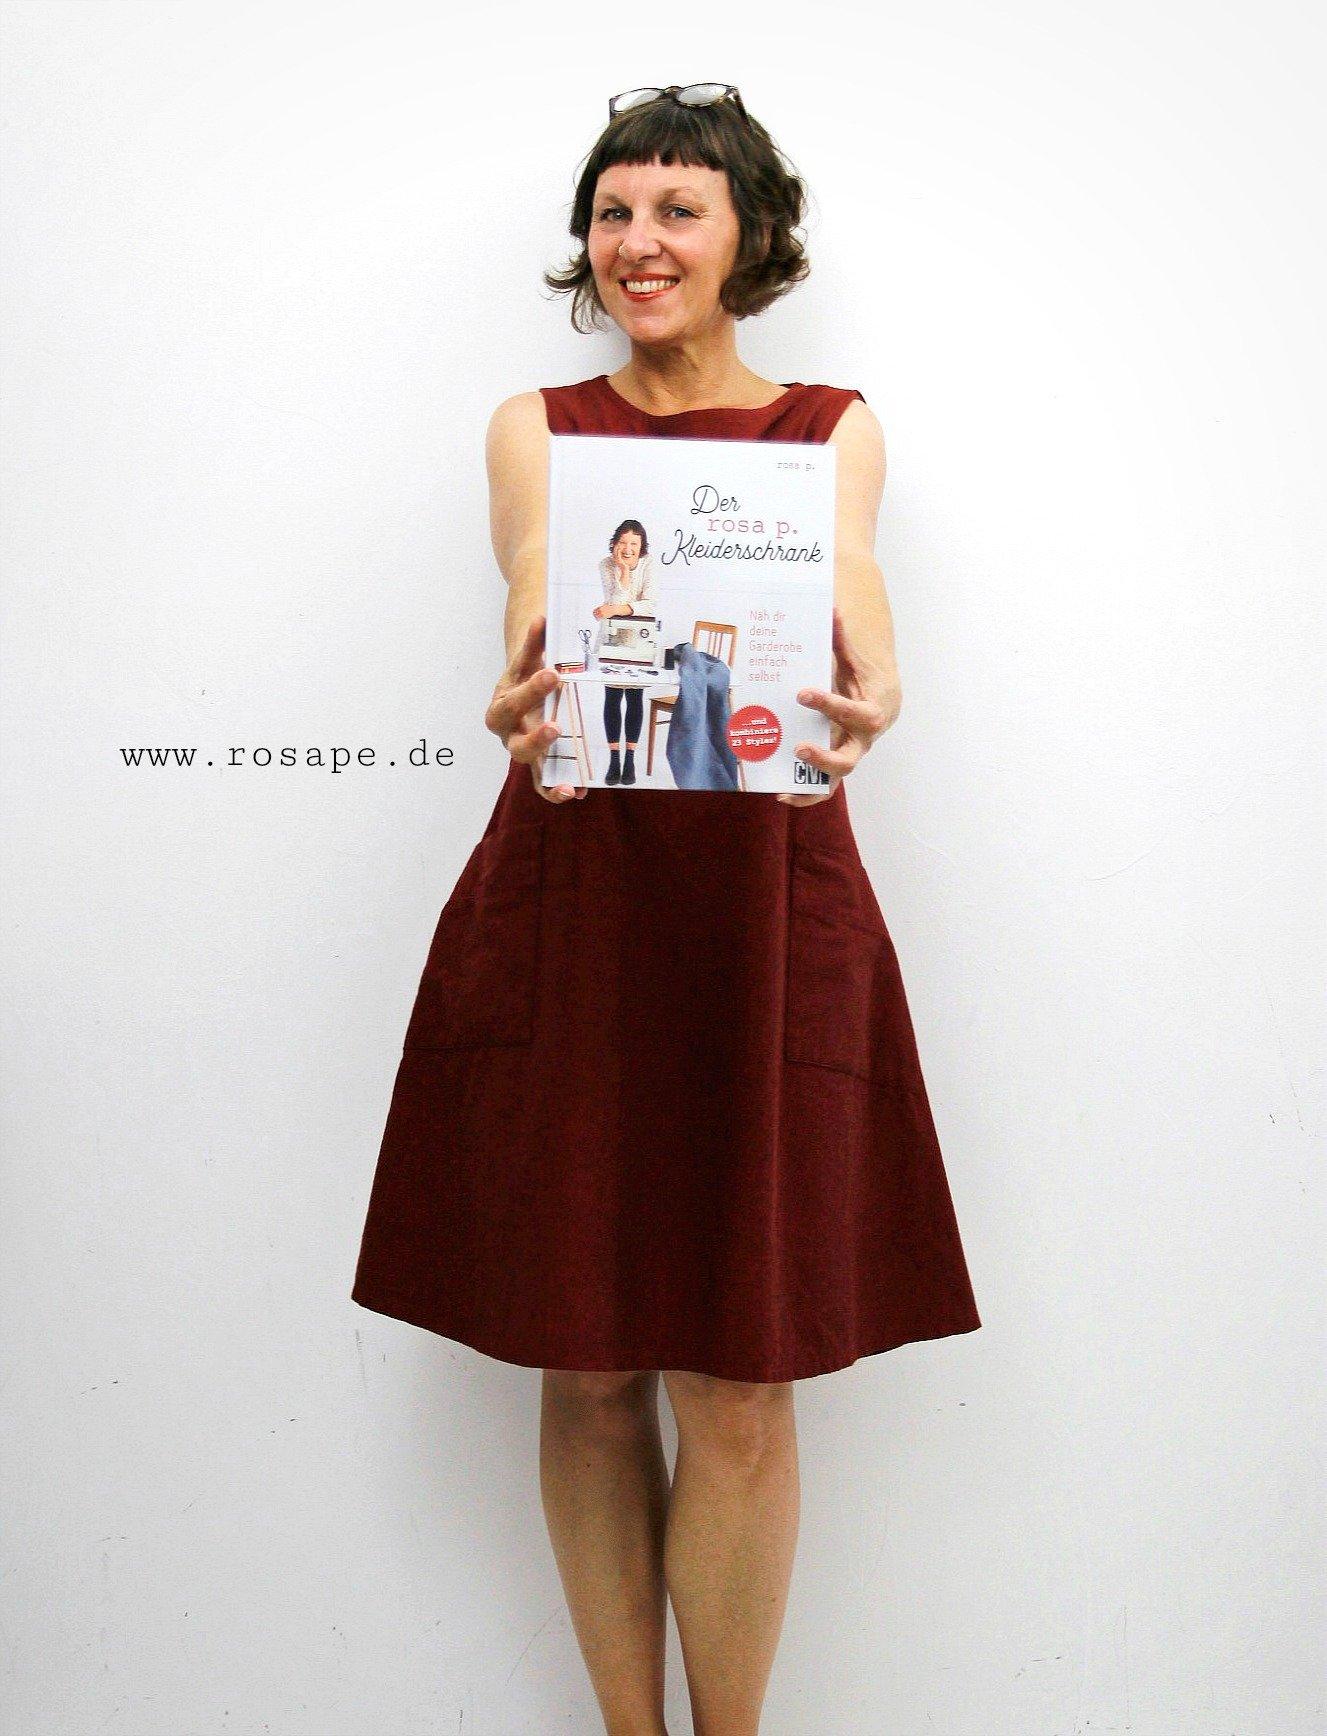 Der Rosa P Kleiderschrank Das Neue Buch Ist Da Rosa P